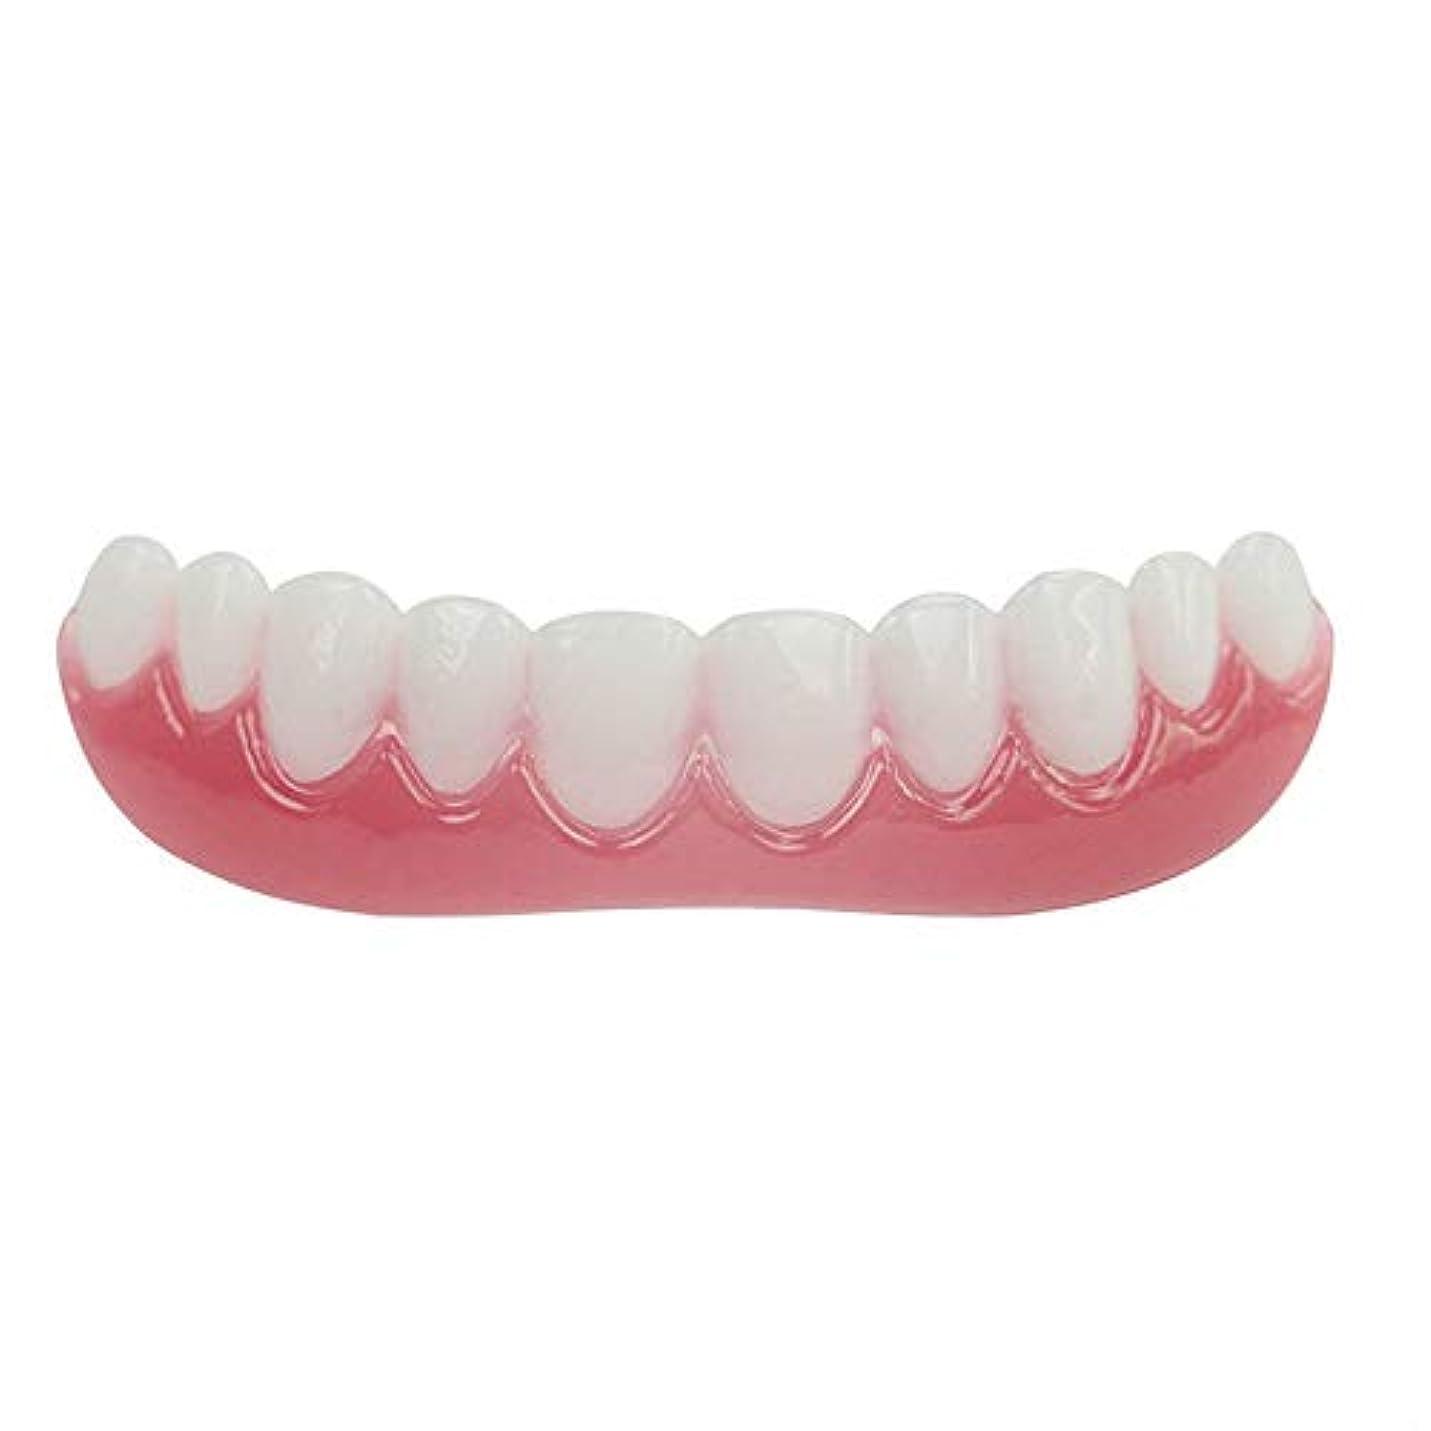 自分のためにロードされたまばたきシリコーンシミュレーション義歯、歯科用ベニヤホワイトトゥースセット(3個),Colorbox,Lower